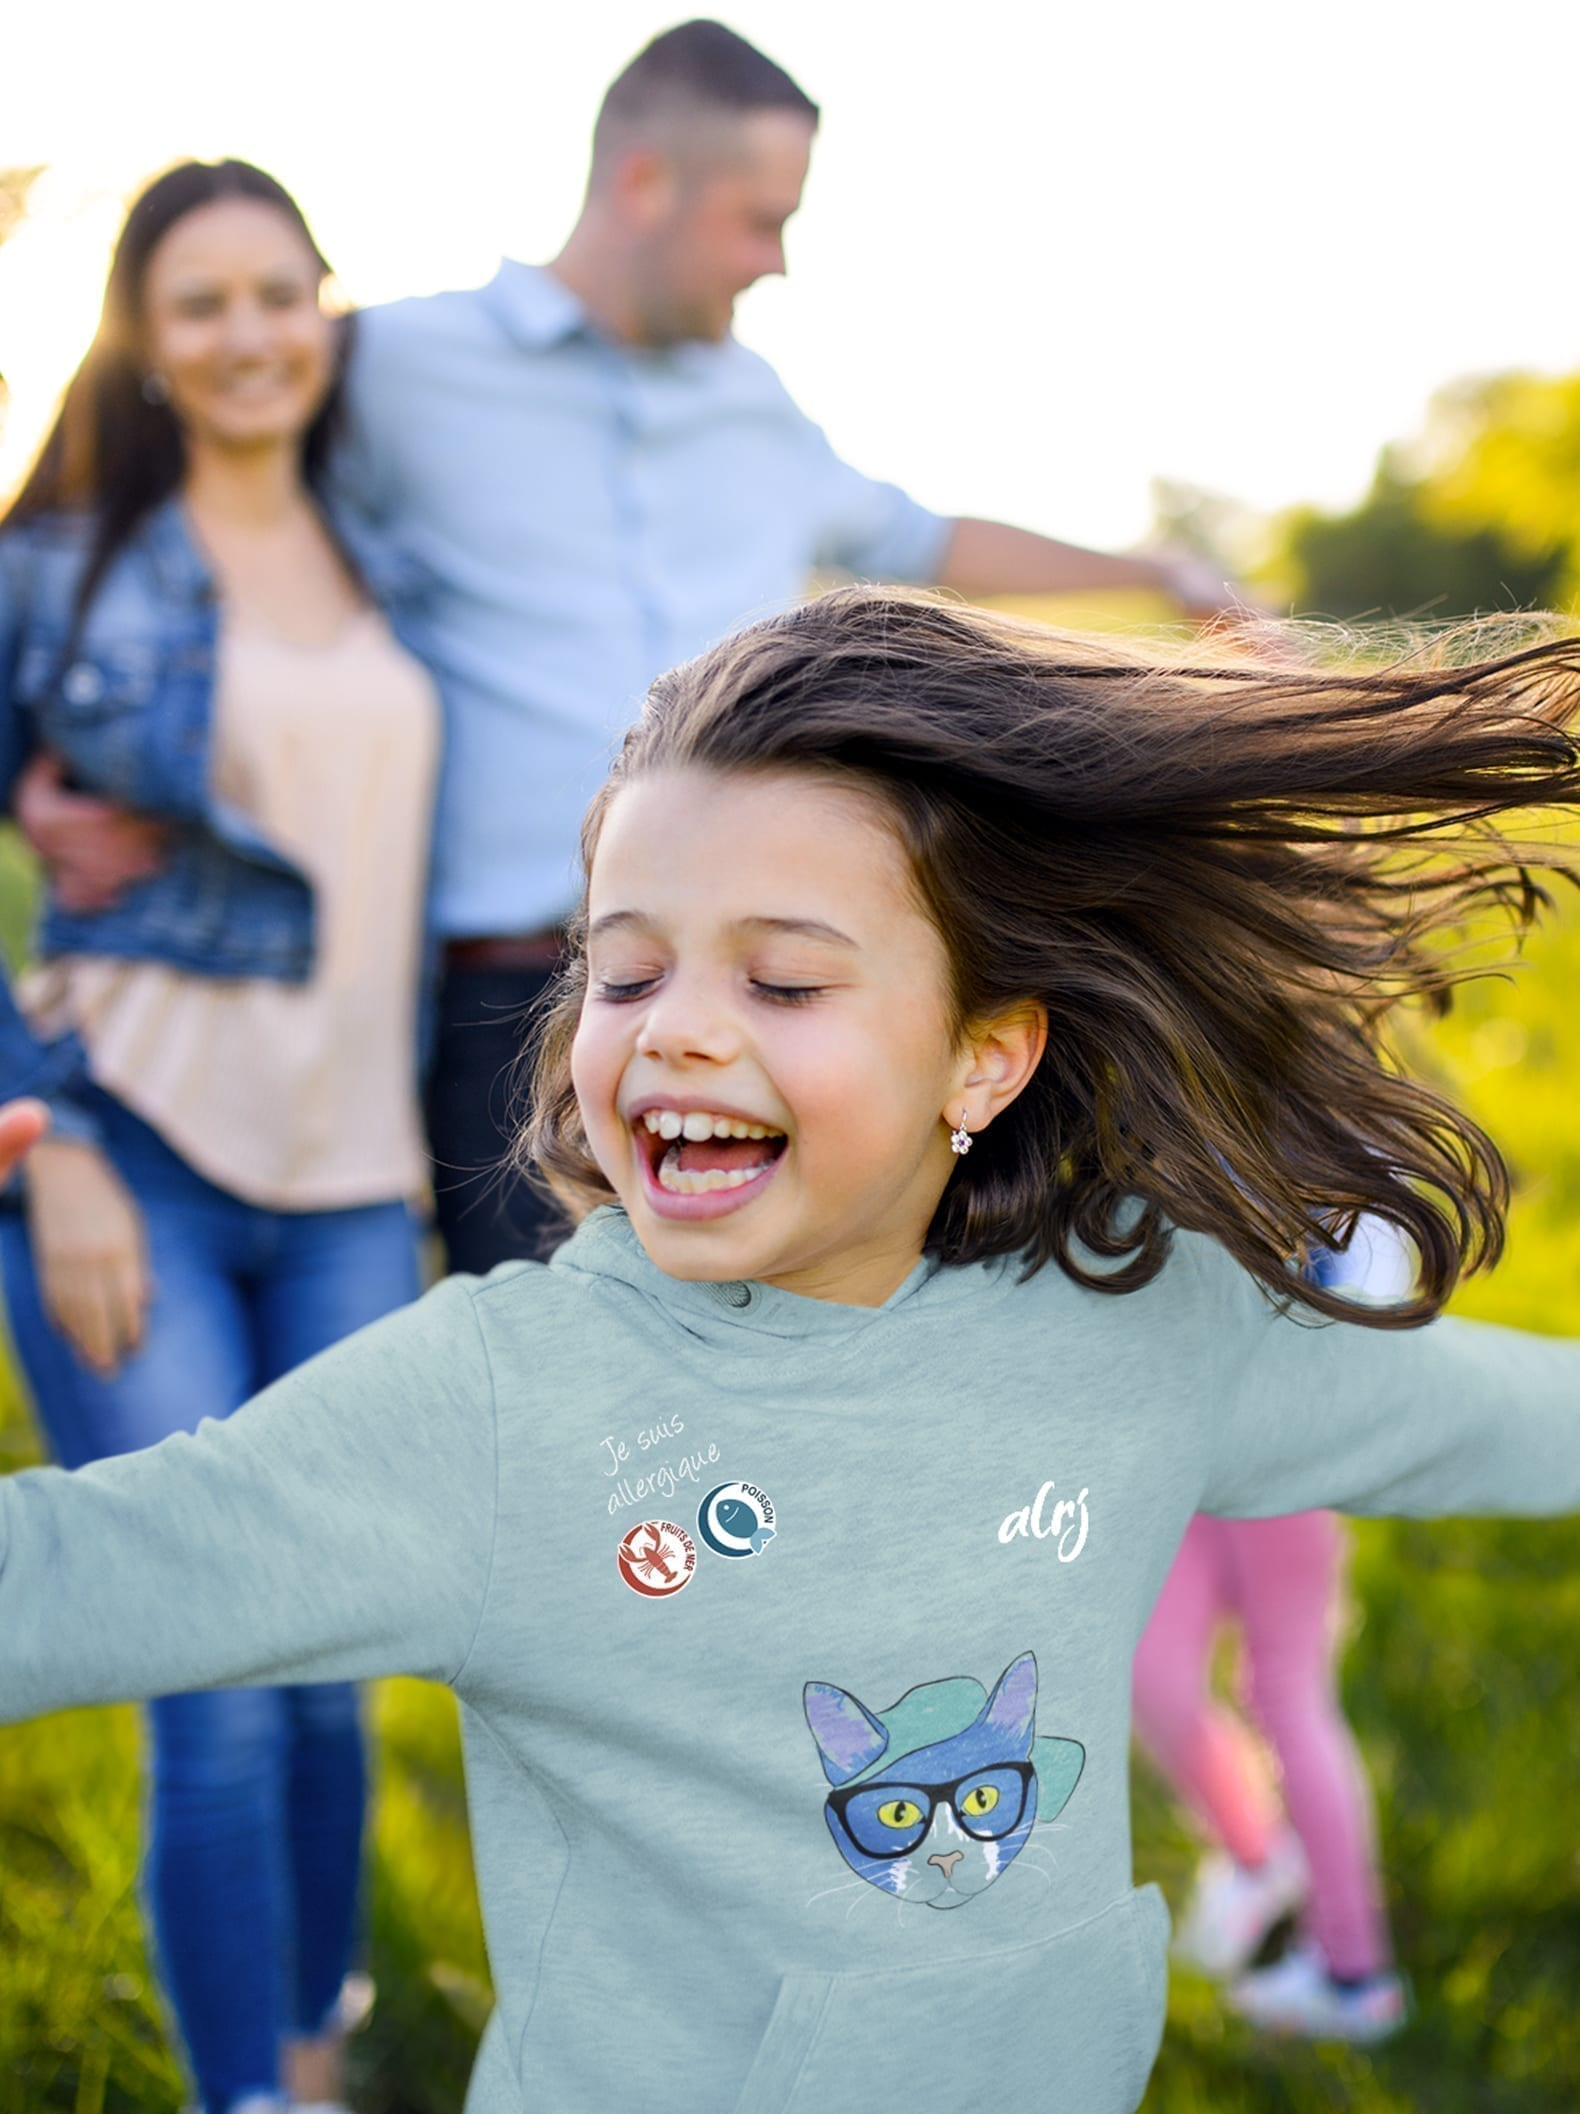 jeune fille avec des allergies alimentaires portant un sweatshirt alrj chat